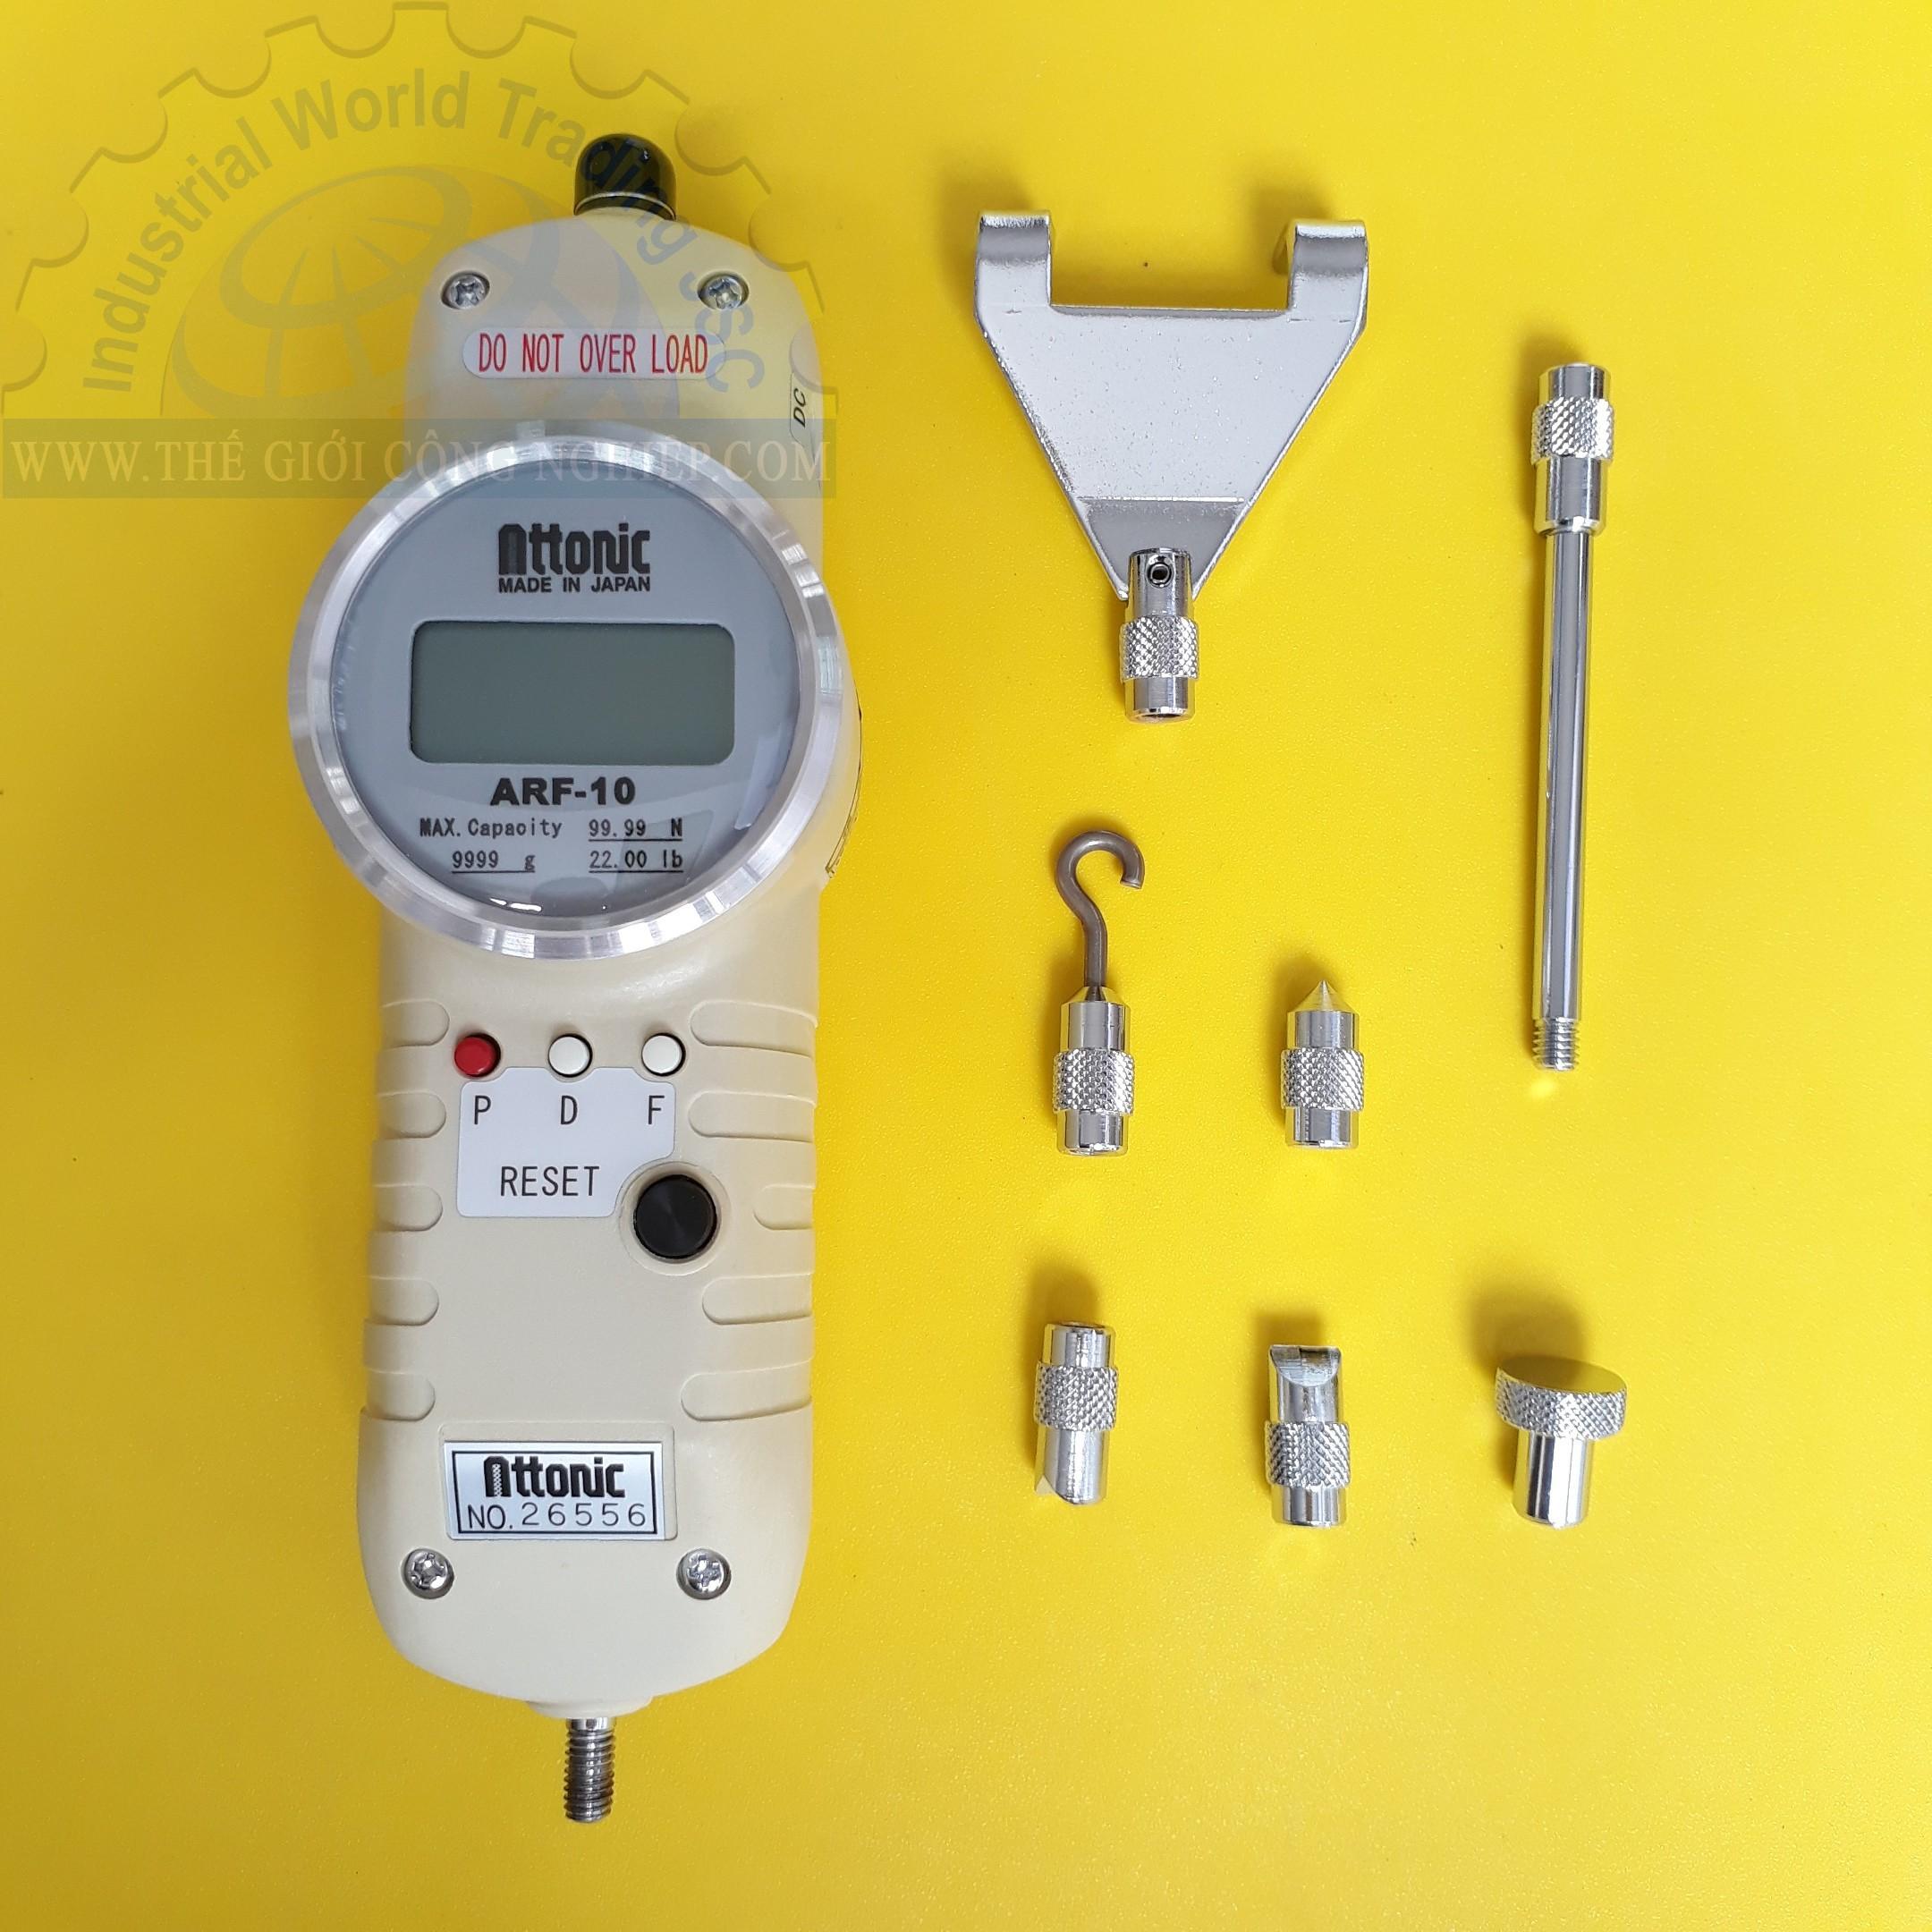 Đồng hồ đo lực kéo, đẩy điện tử 99.99N/ 9999gf digital Force Gauge ARF-10 ATTONIC